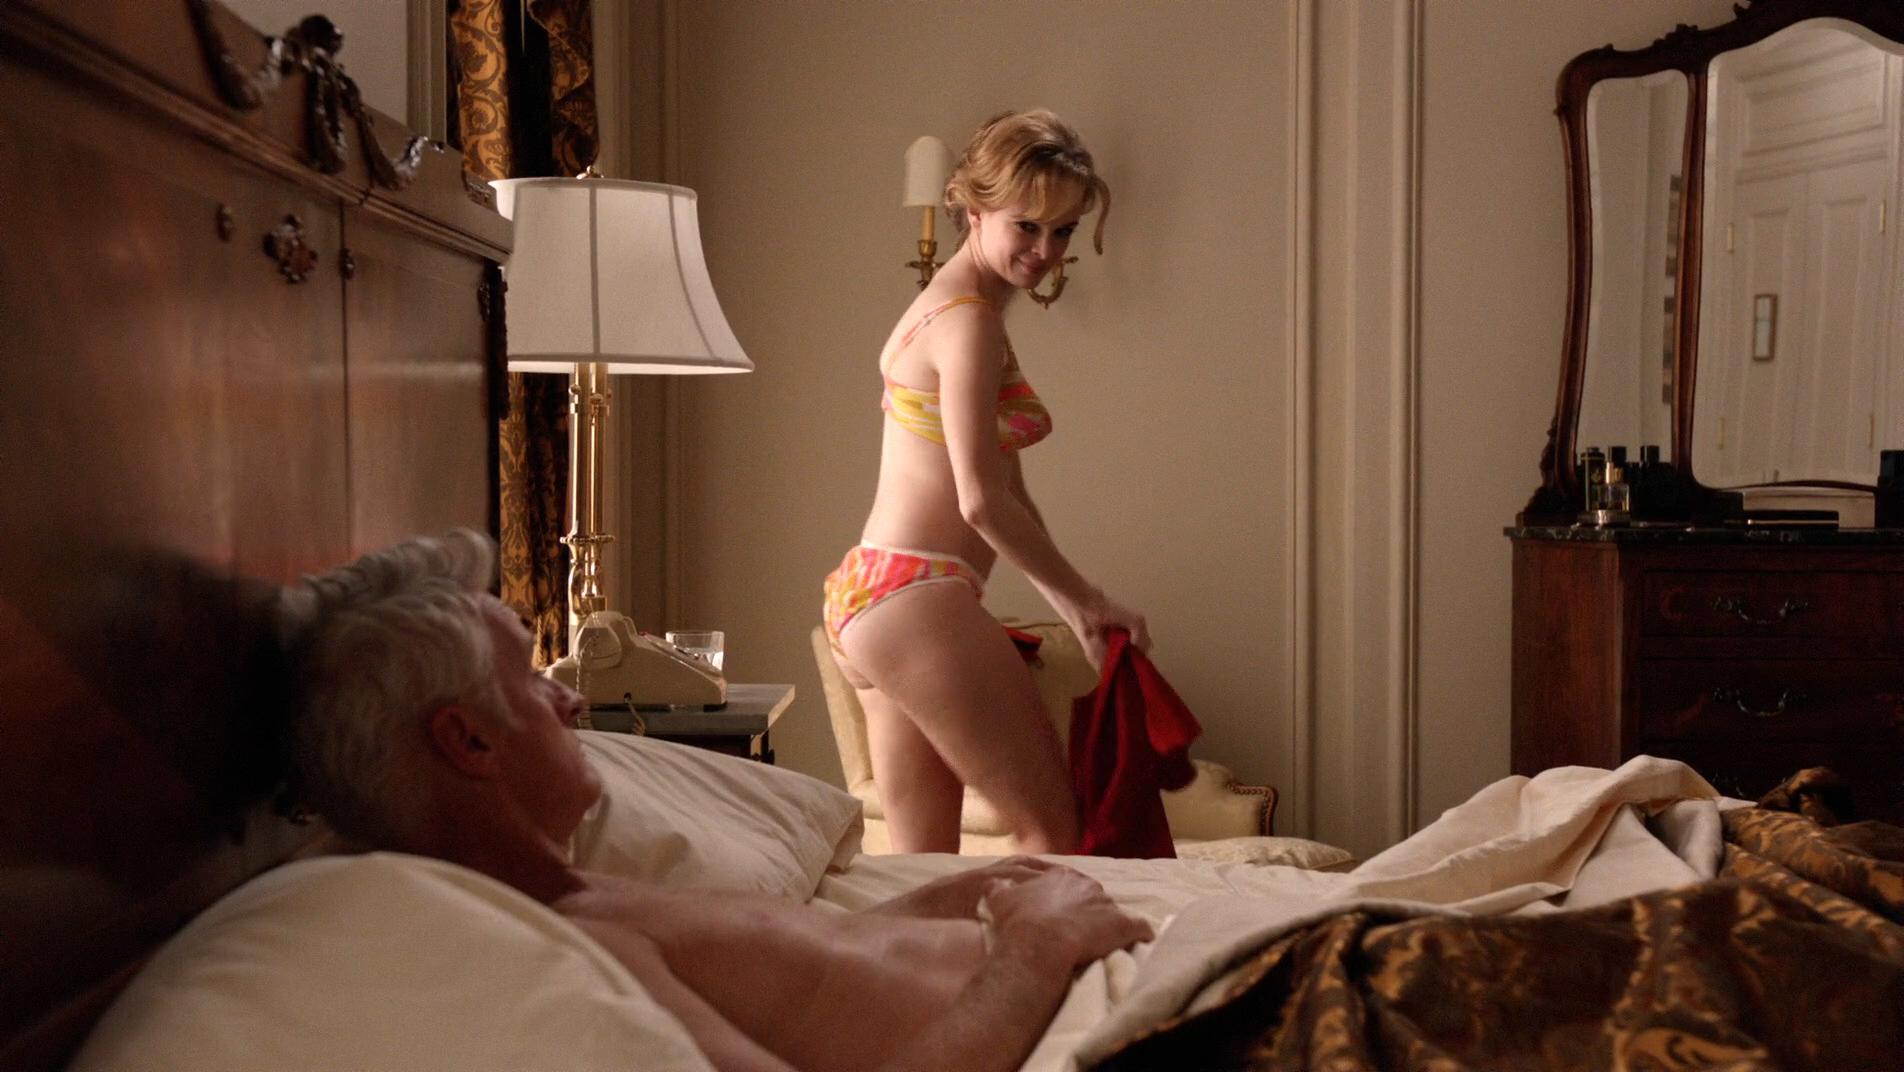 Extreme Short Skirt Porn